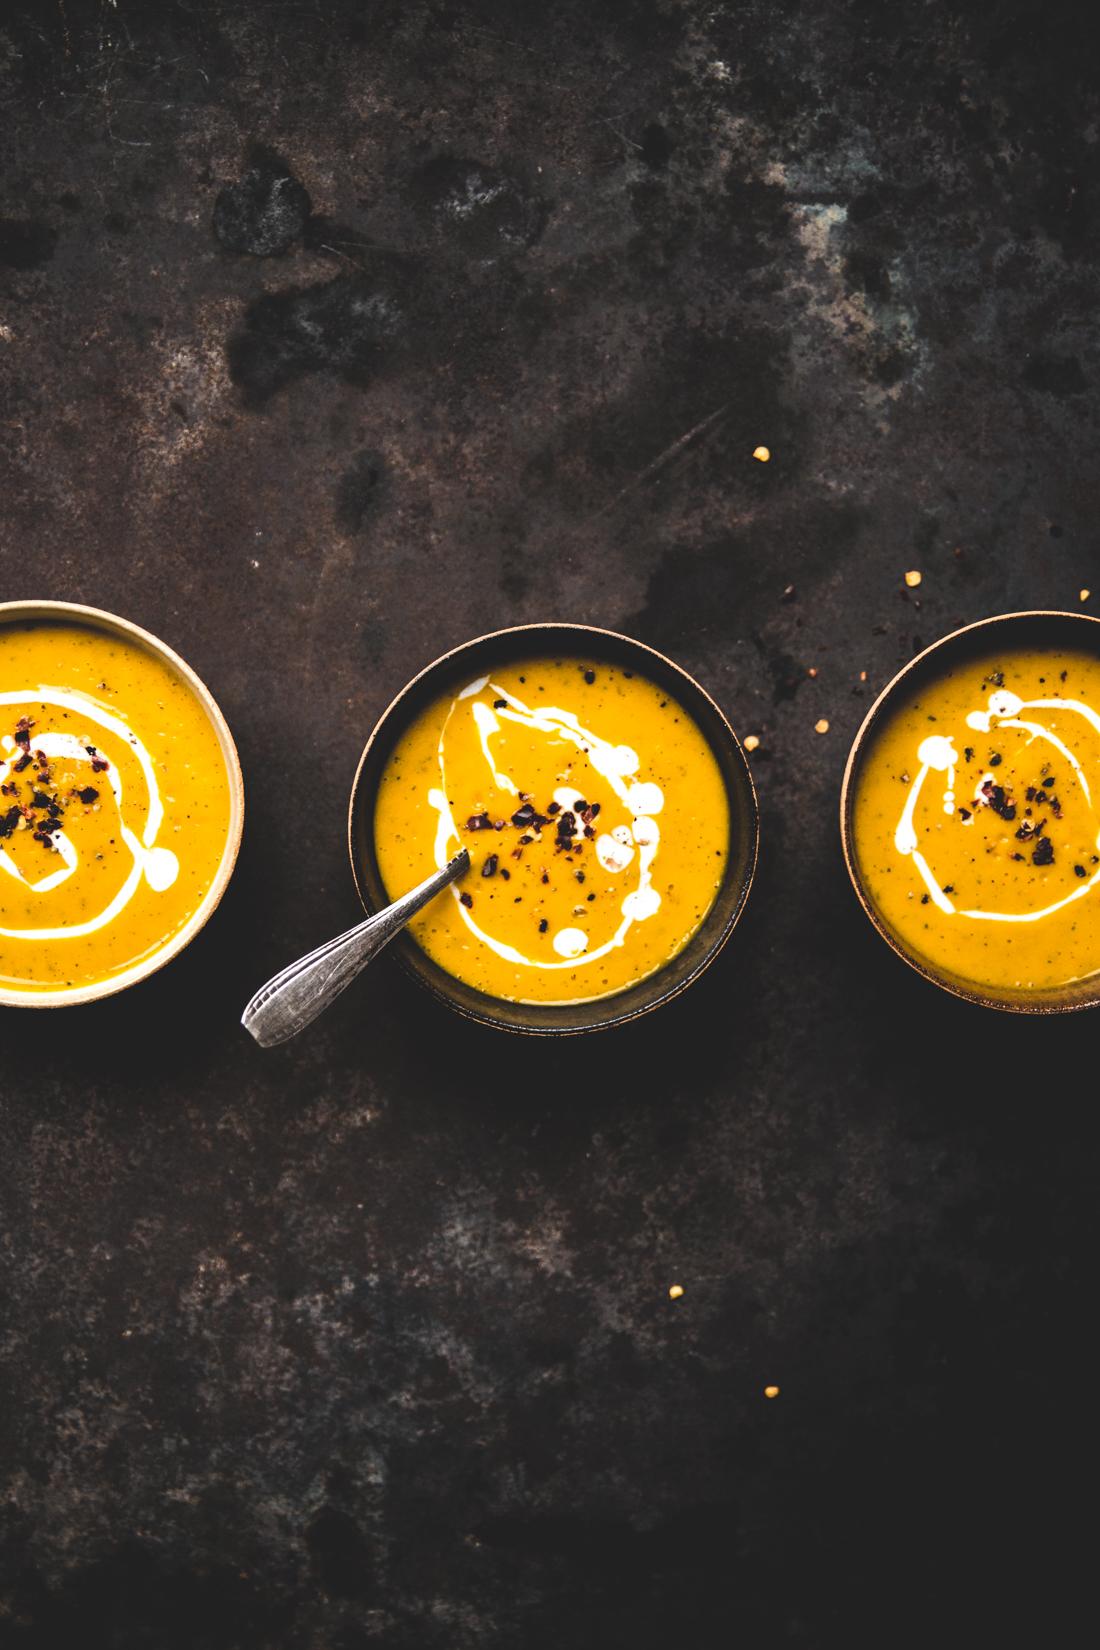 soupe-potimarron-lait-de-cooco-epicee-ophelie-lauret-ophelies-kitchen-book-21